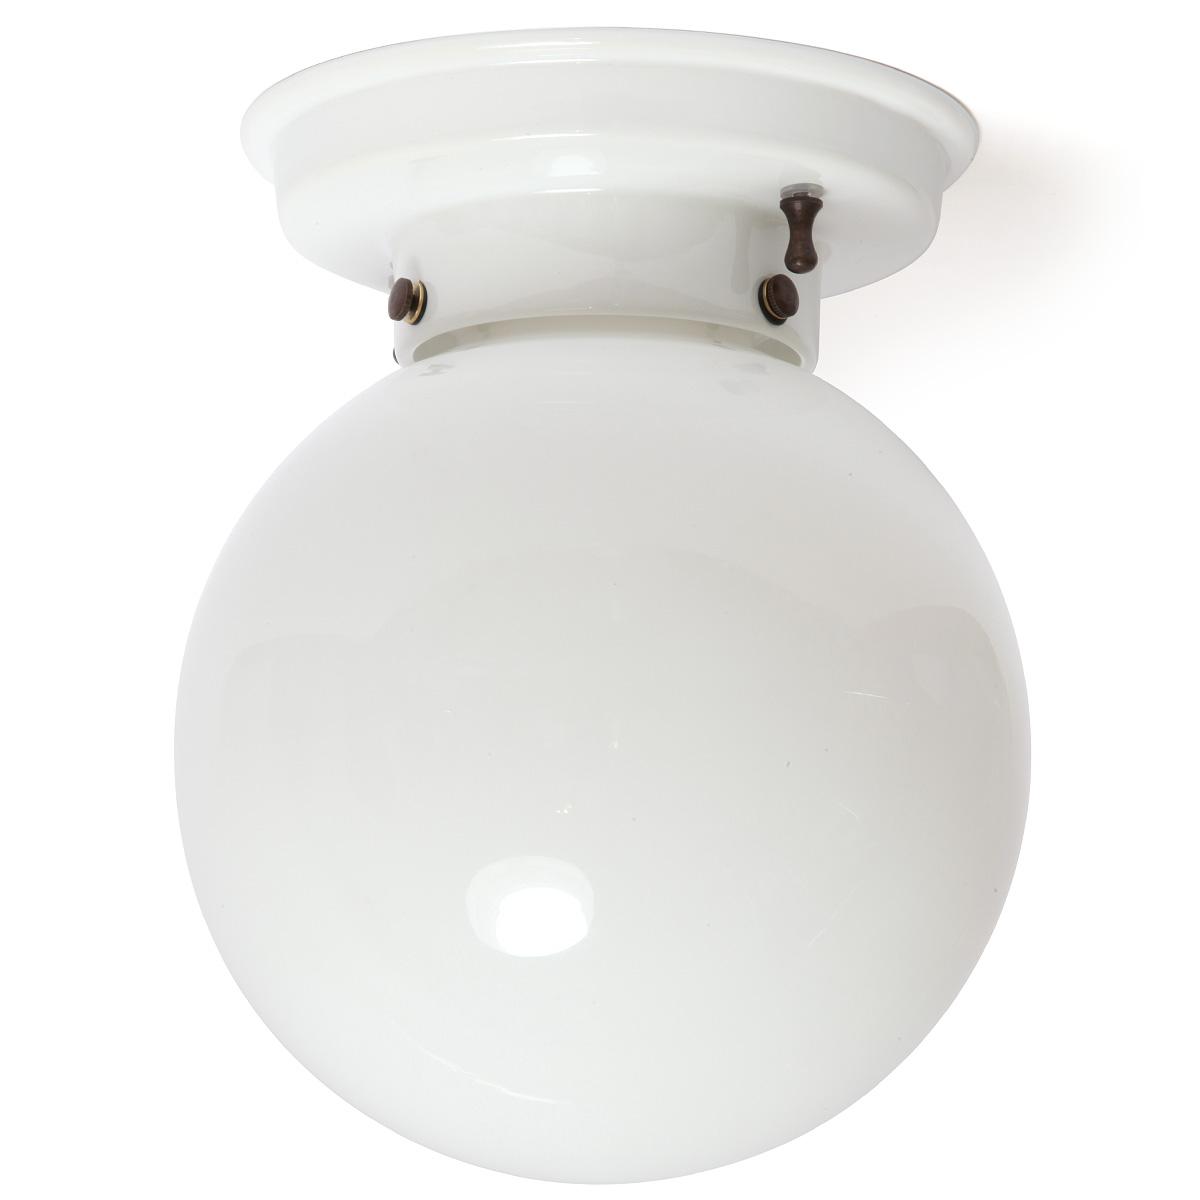 Full Size of Italienische Keramik Deckenlampe Mit Glaskugel 20 Cm Casa Lumi Landhaus Sofa Küche Landhausküche Weiß Bett Esstisch Wohnzimmer Deckenleuchte Badezimmer Wohnzimmer Deckenleuchte Landhaus